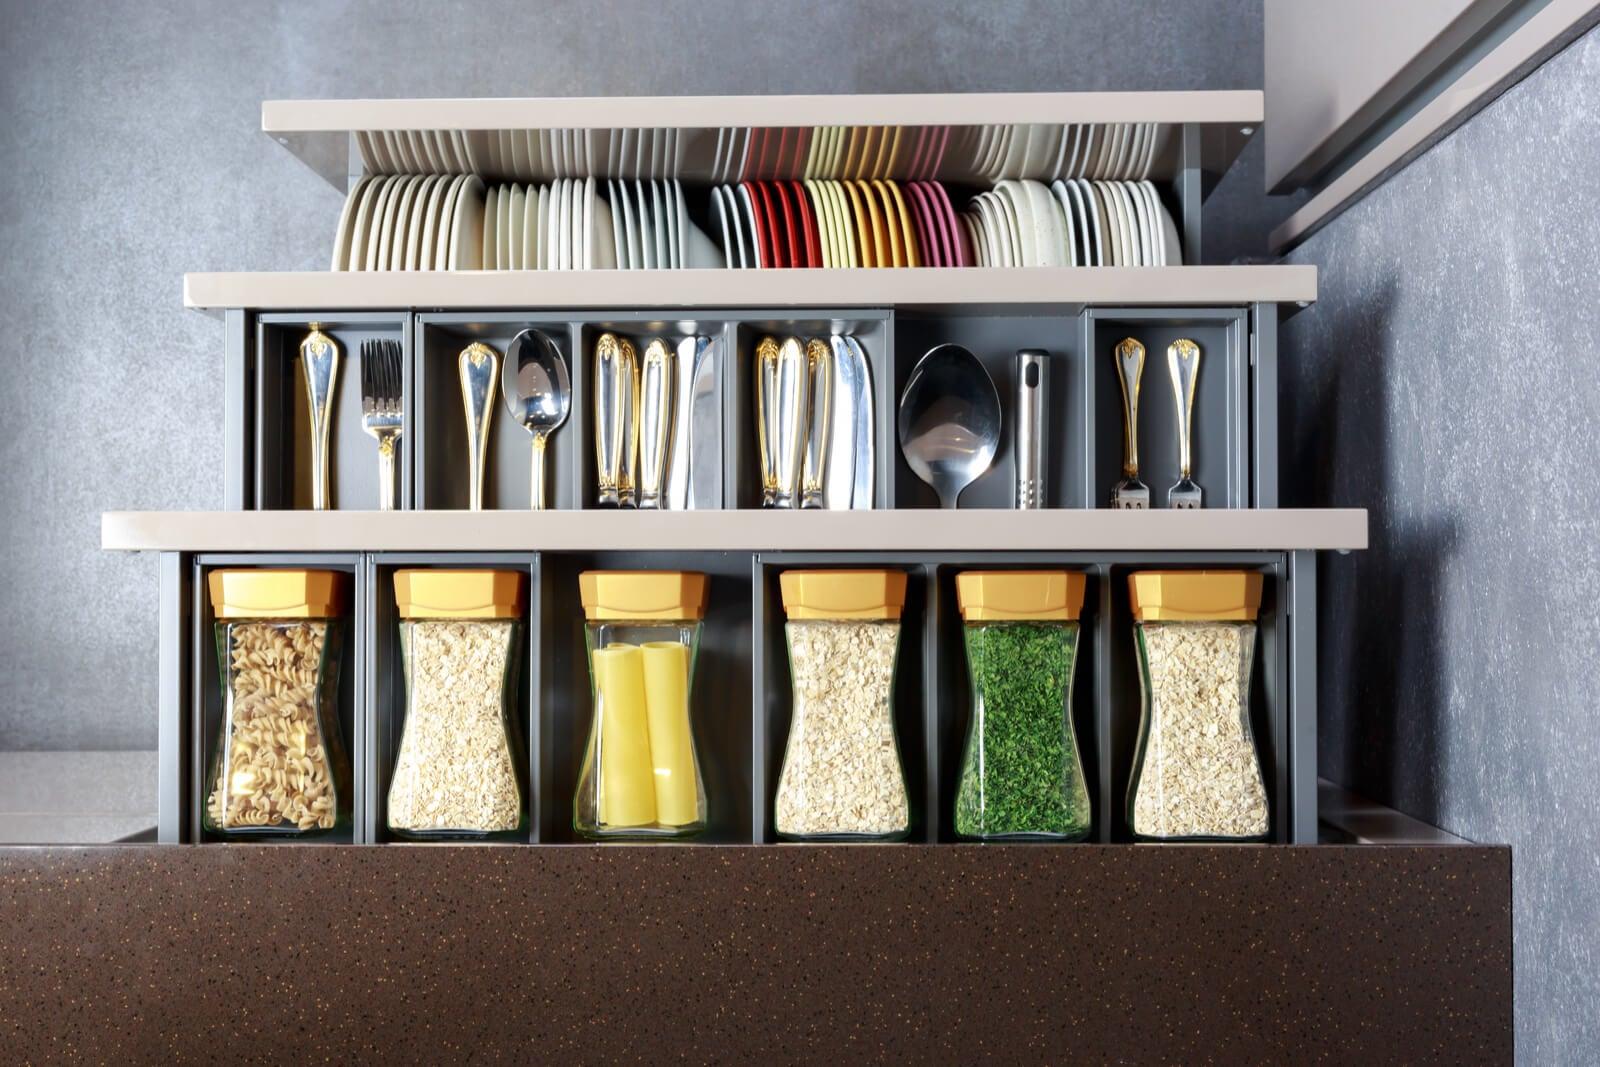 5 Ikea Tipps Fur Mehr Ordnung In Der Kuche Decor Tips